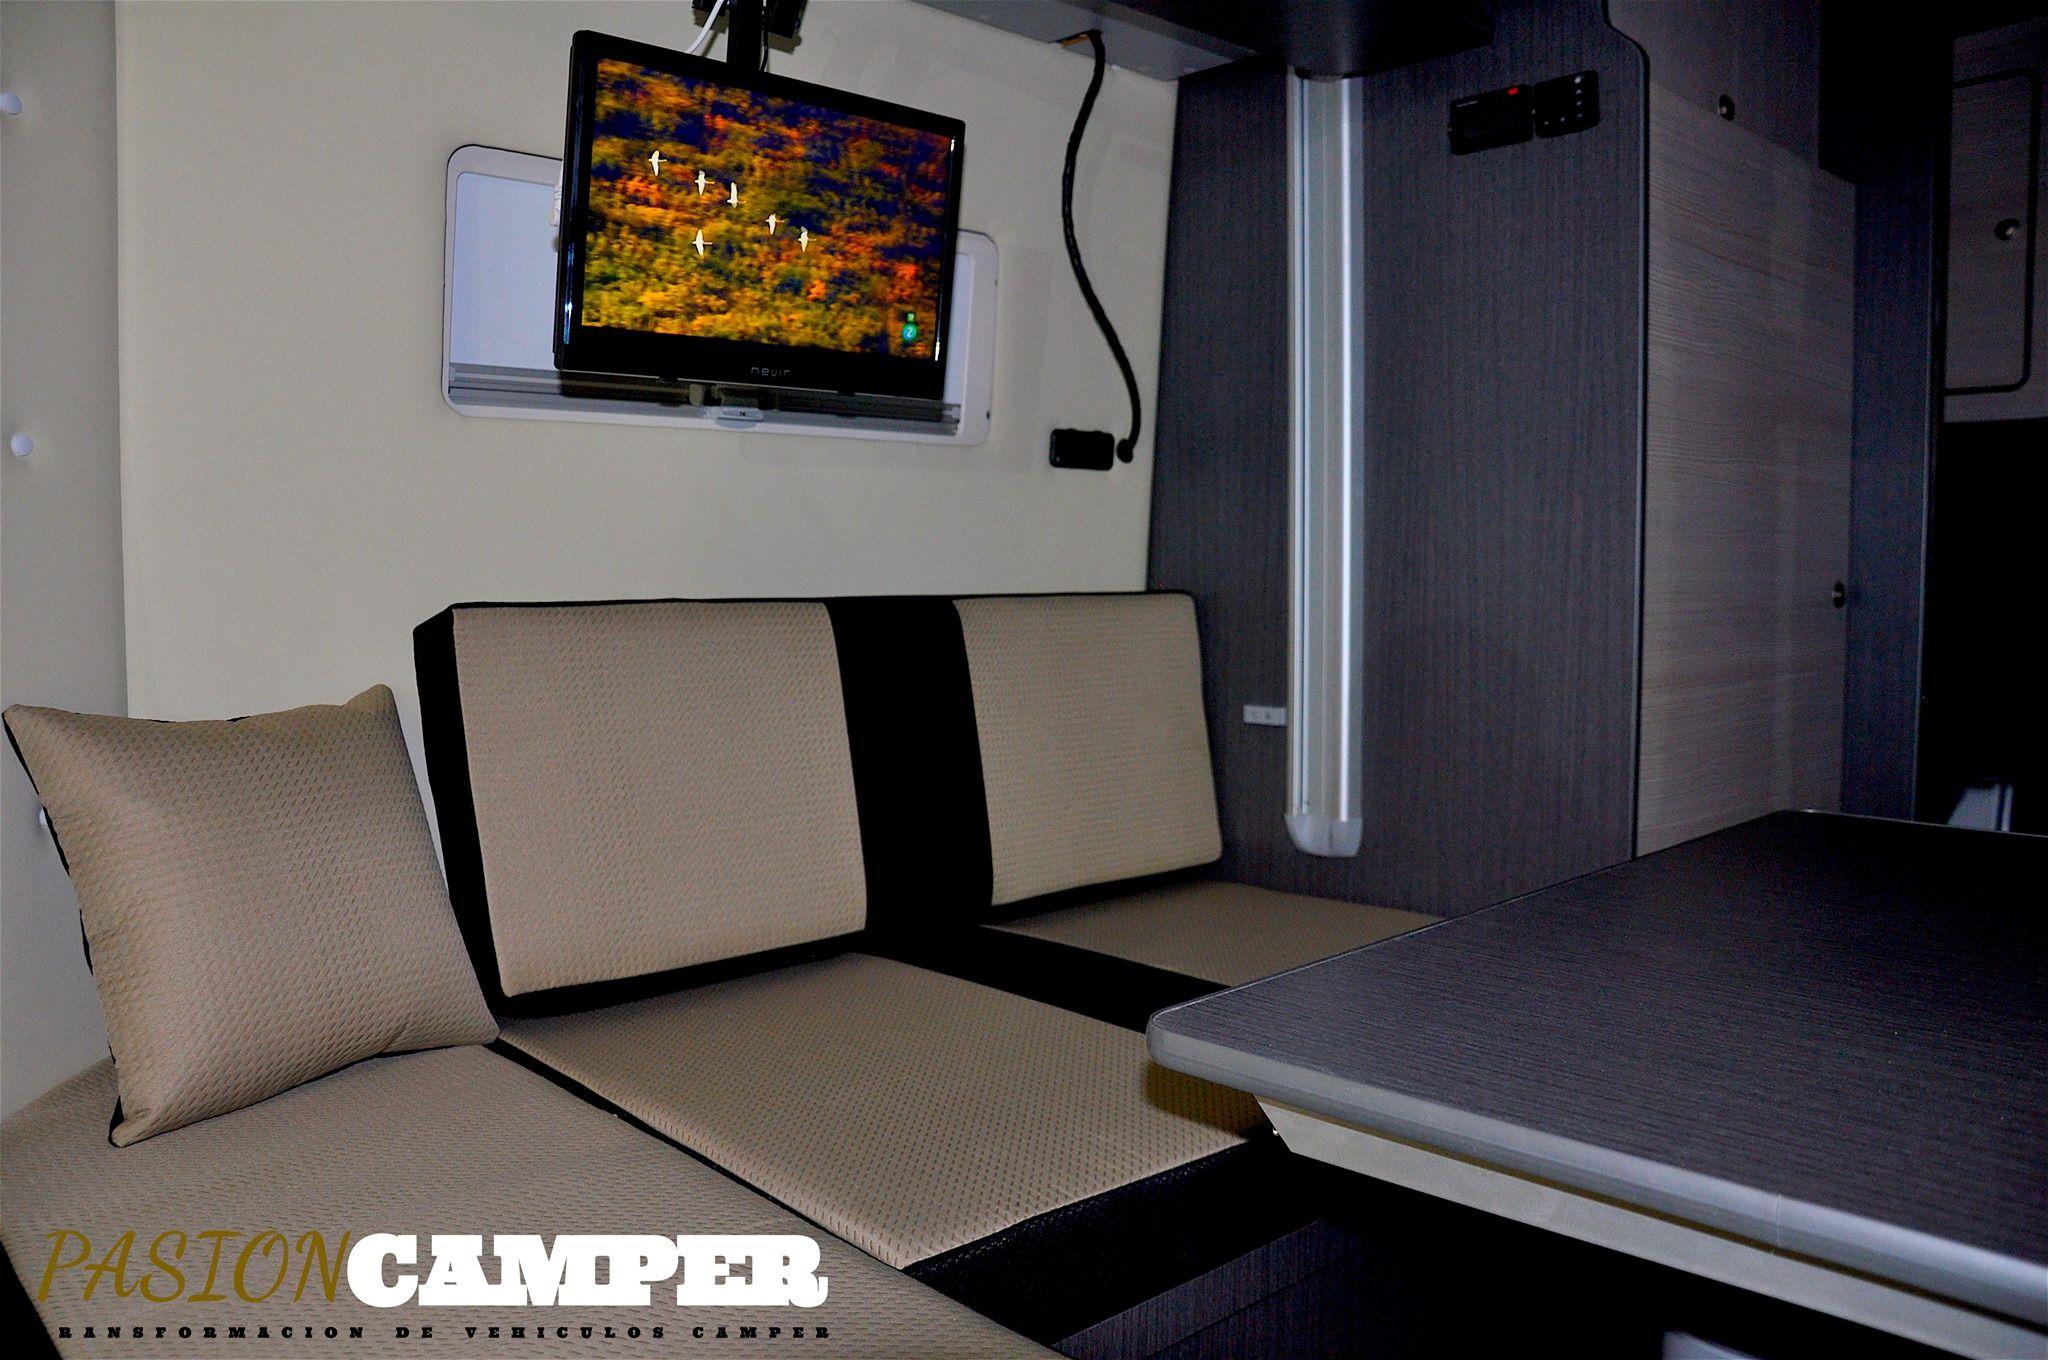 Adaptación de furgonetas camper en Tarragona